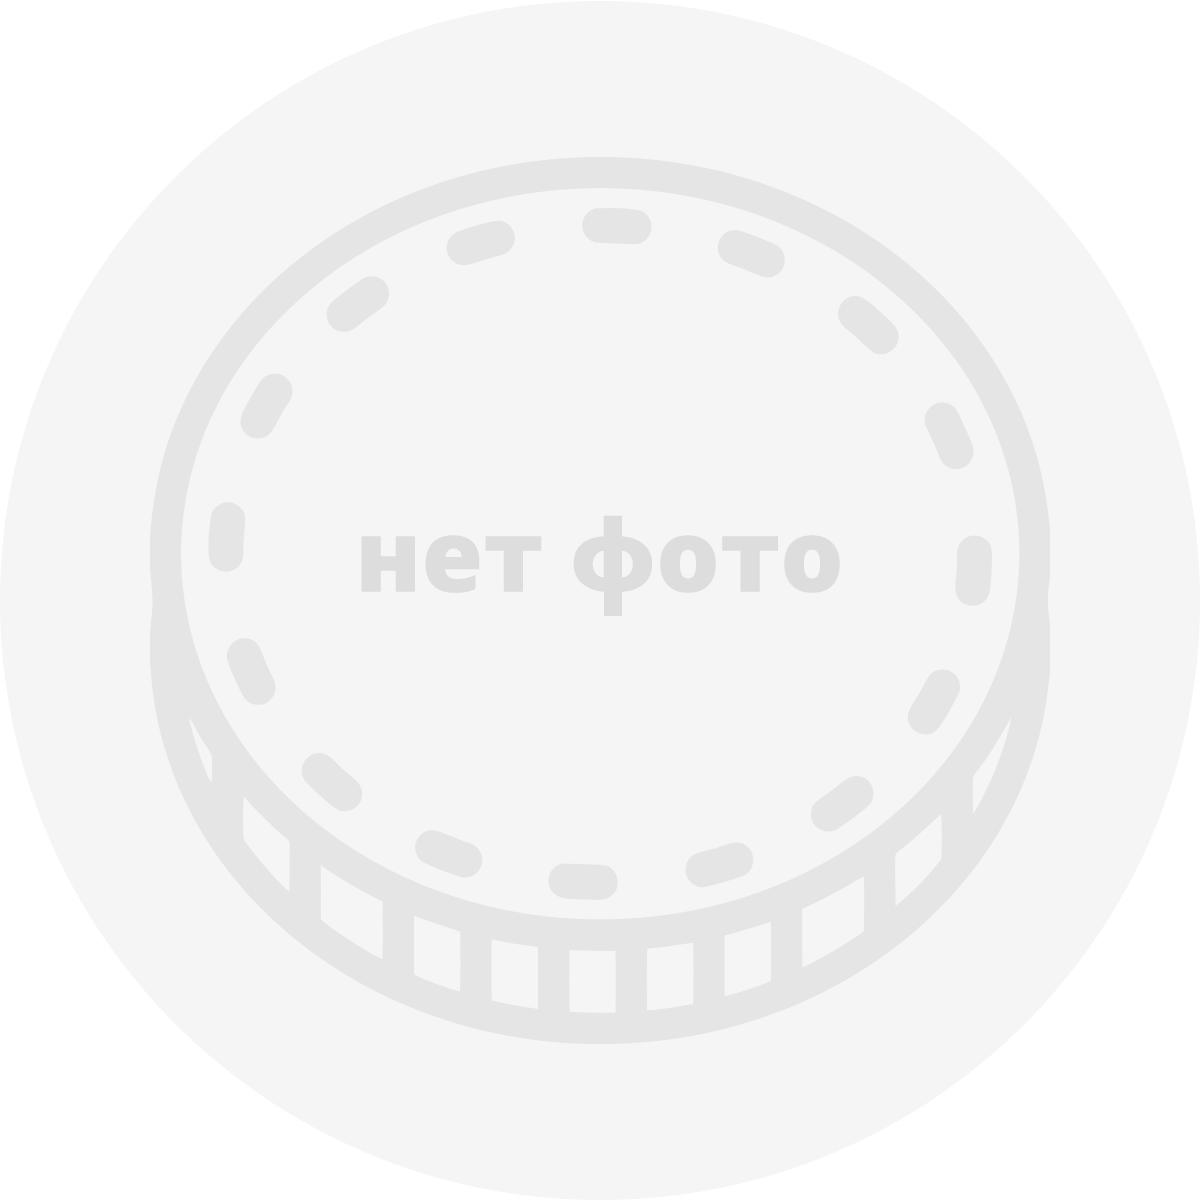 Coins Catalog - Mexico, 5 centavos, KM#398 10 / Numismatics